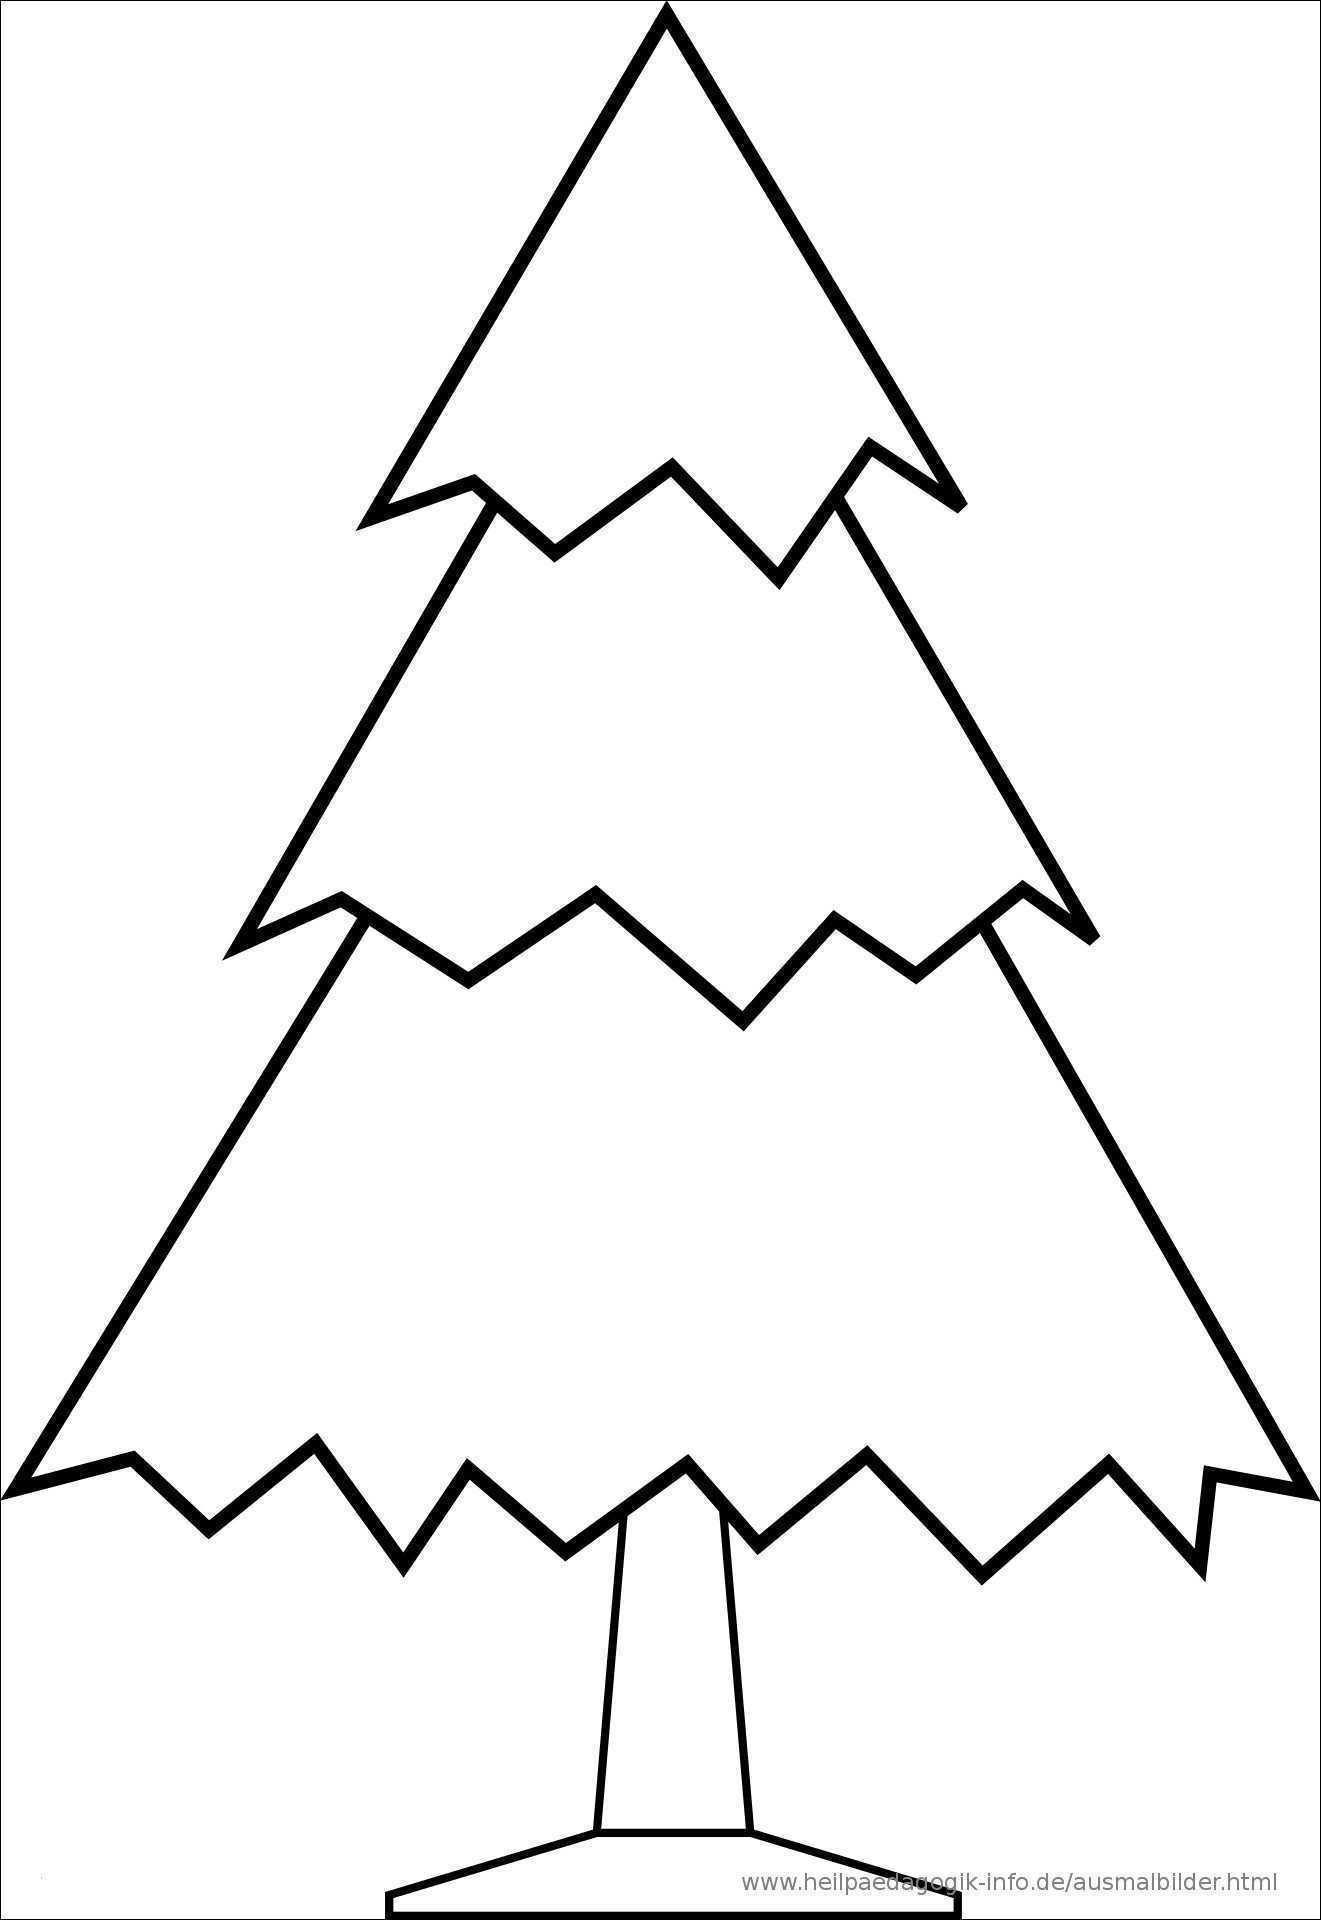 Window Color Vorlagen Zum Ausdrucken Kostenlos Frisch Weihnachtsbaum Vorlage Malvorlage Tannenbaum Tannenbaum Vorlage